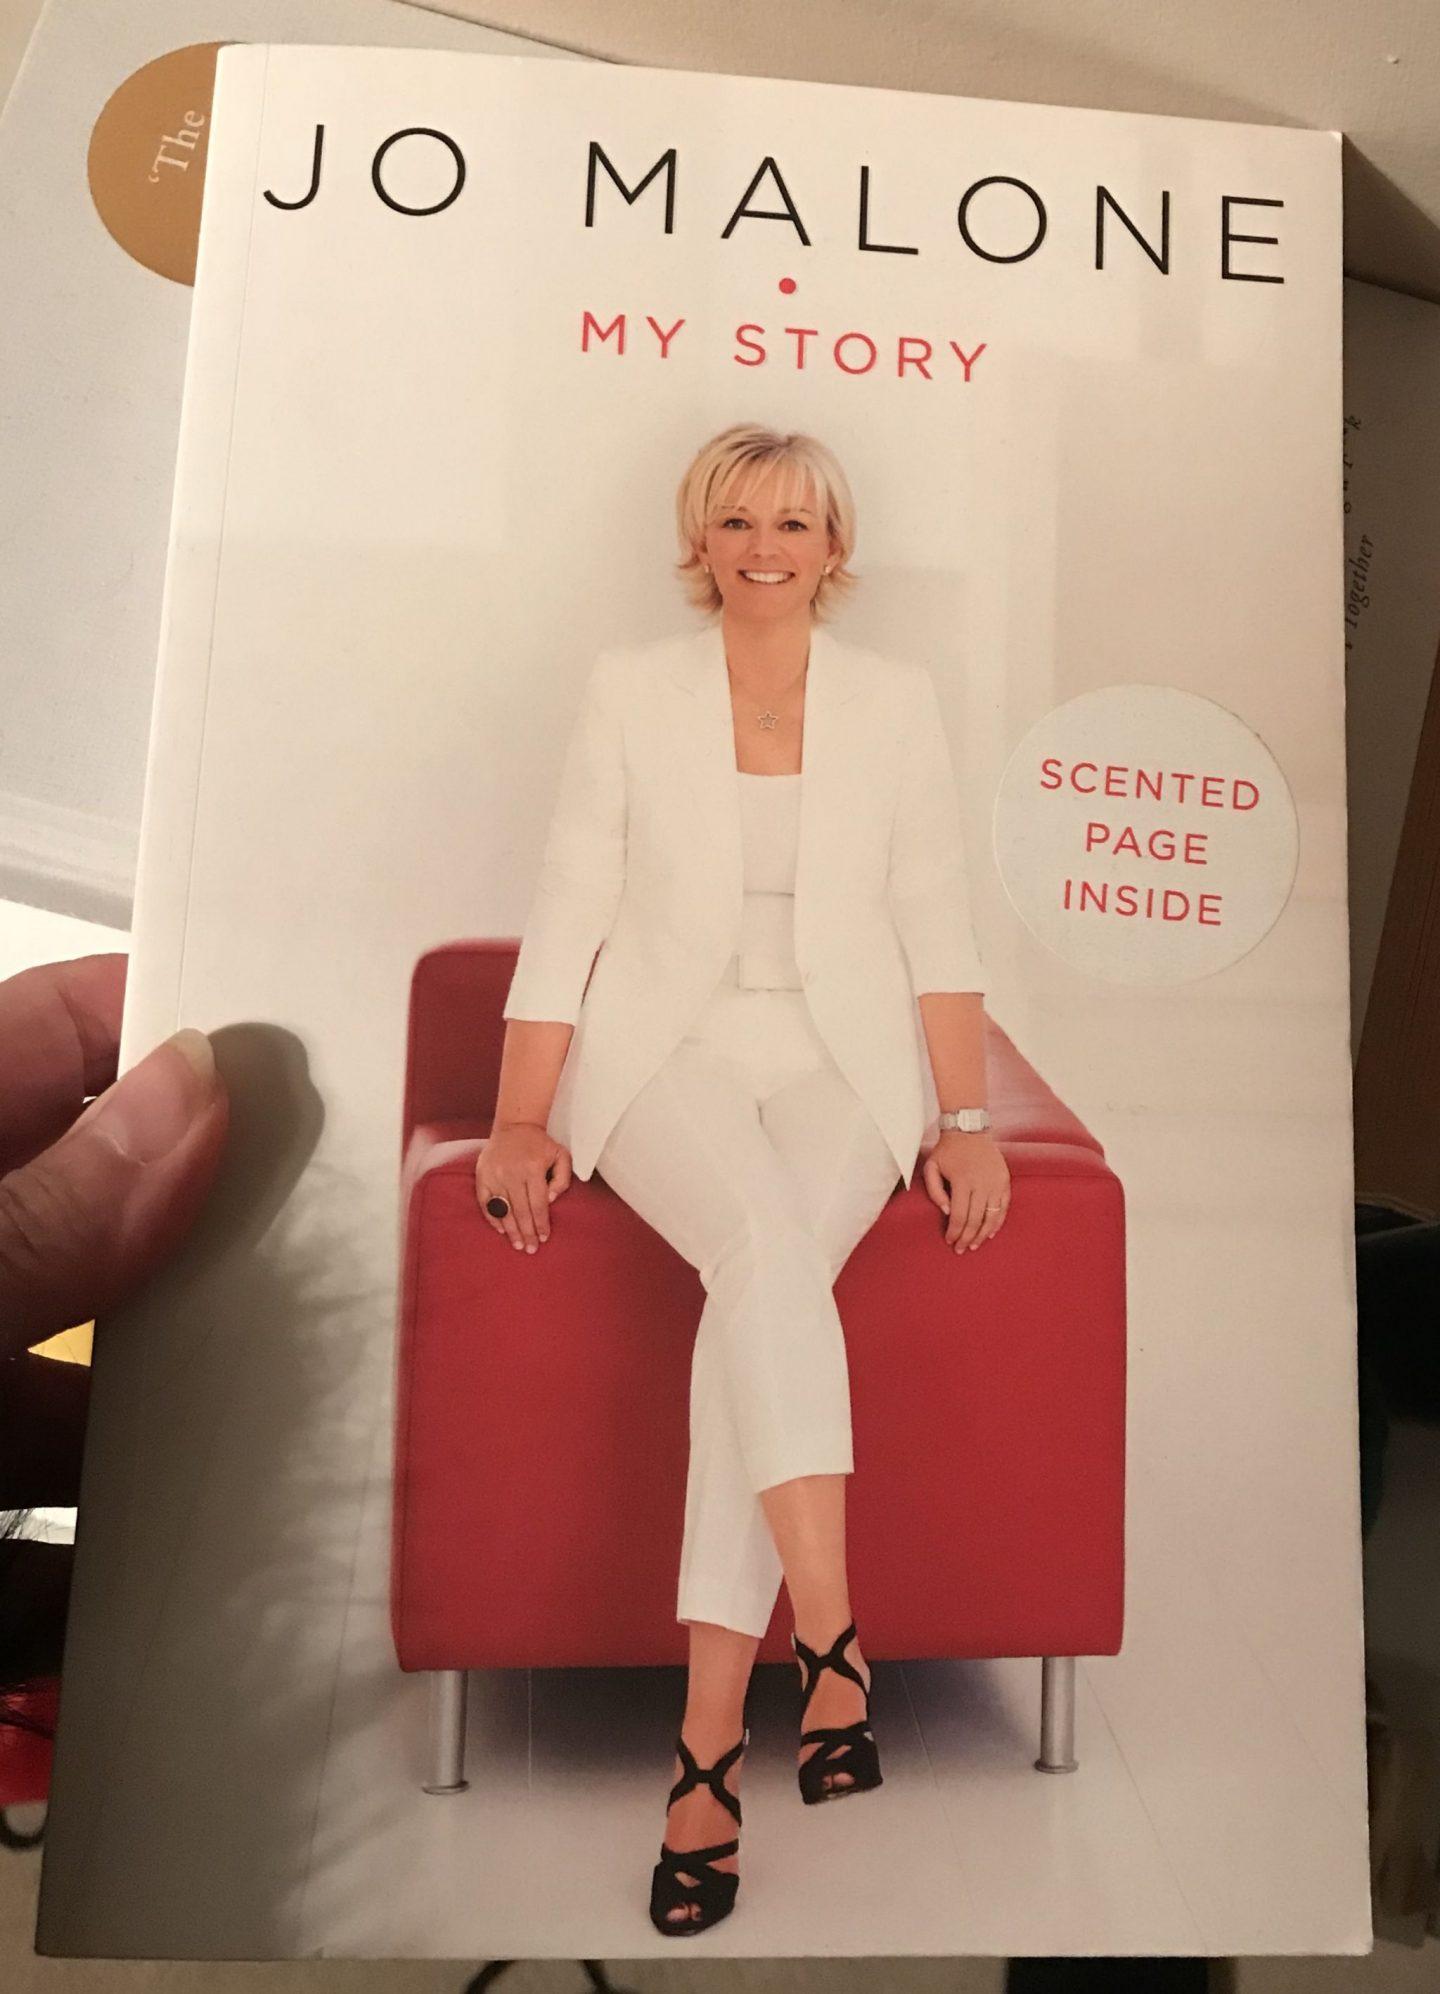 Jo Malone – My story